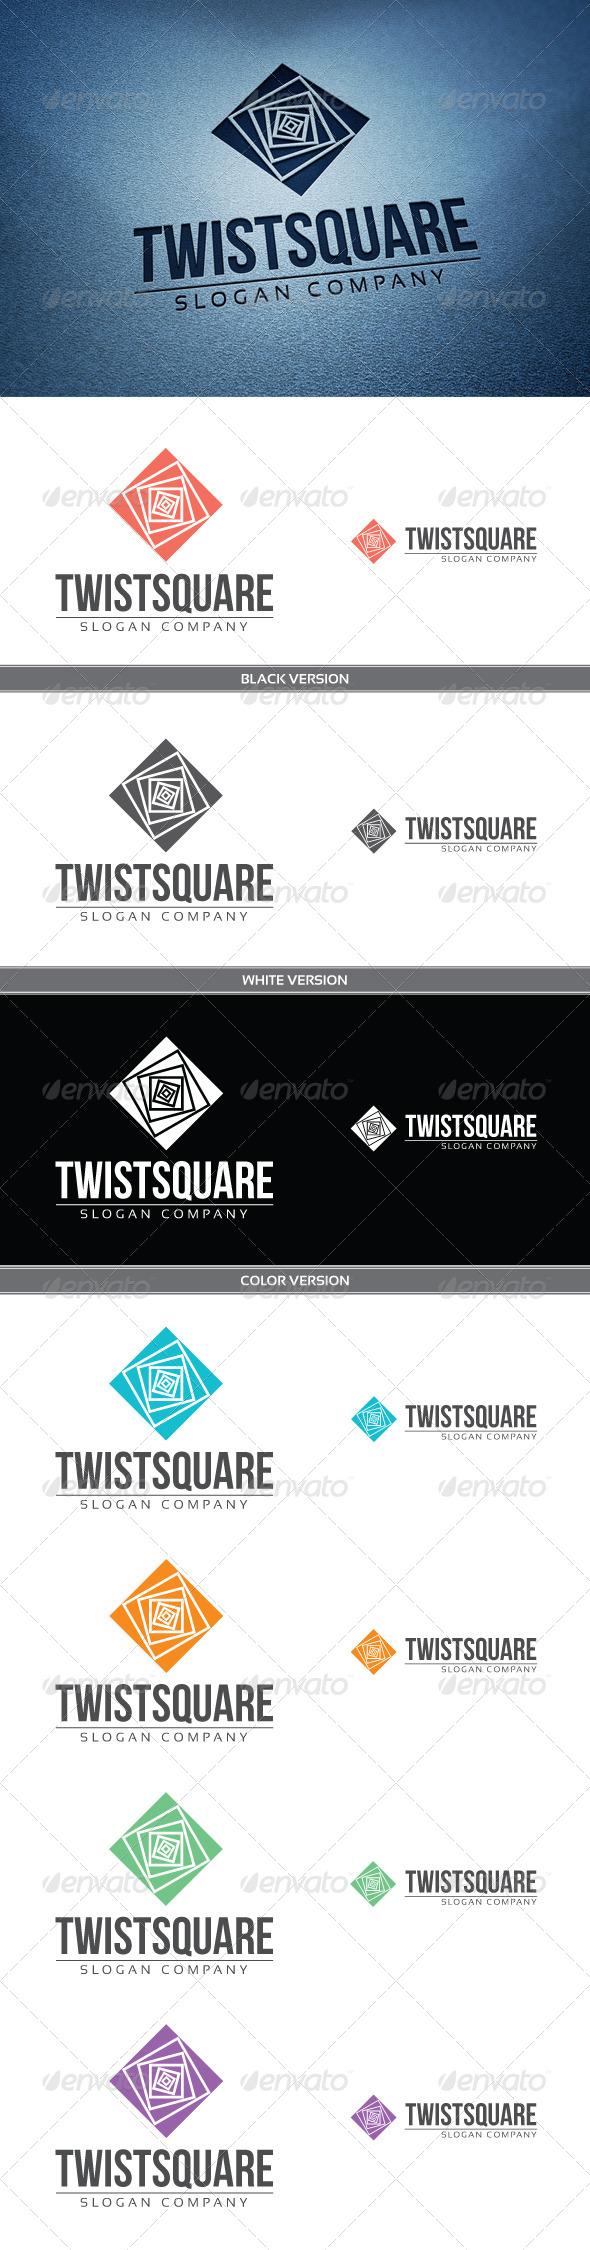 GraphicRiver Twist Square 4120609